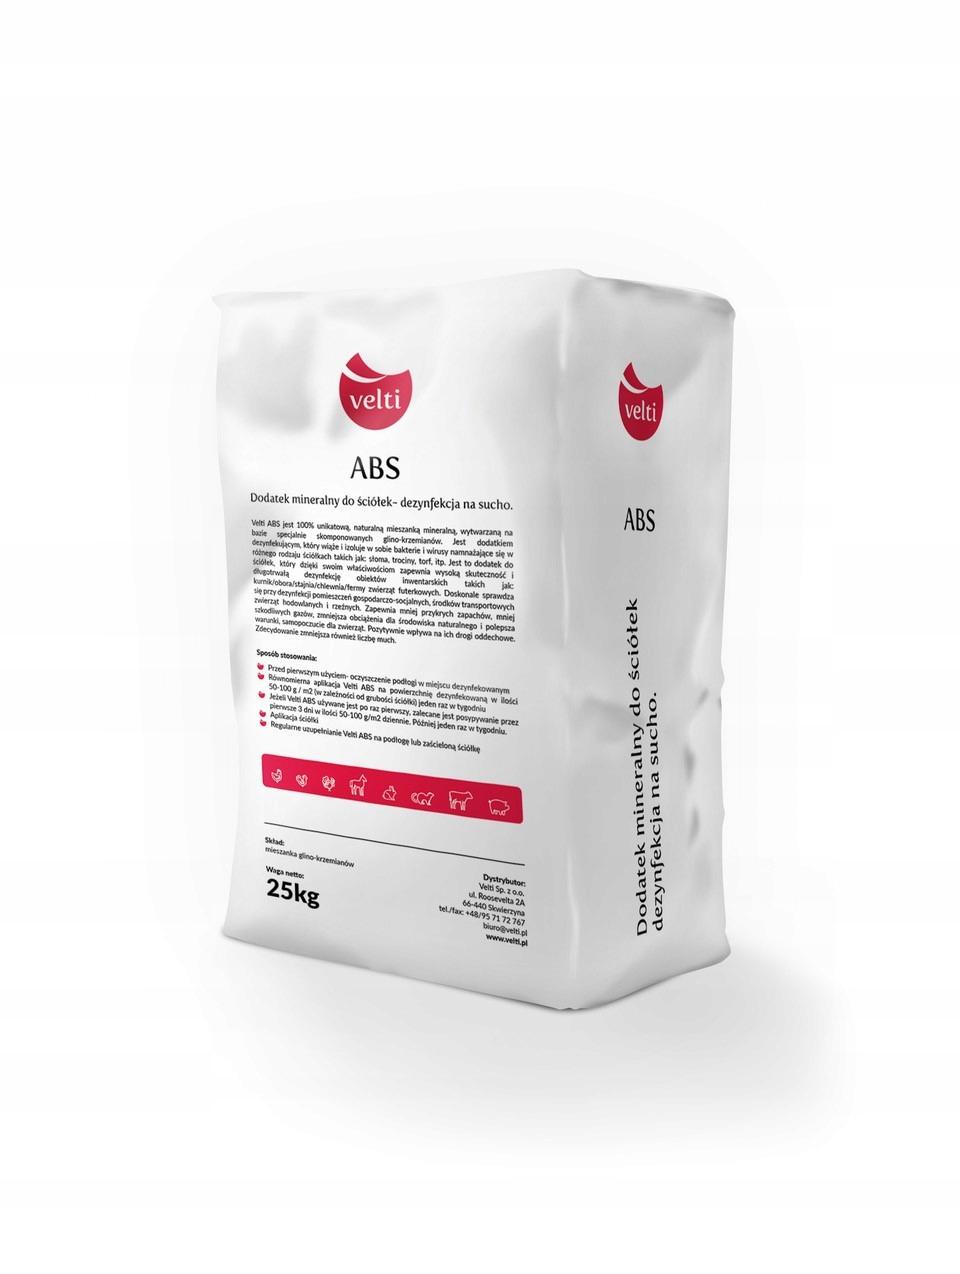 Сухая дезинфекция Velti ABS 25кг от вирусов